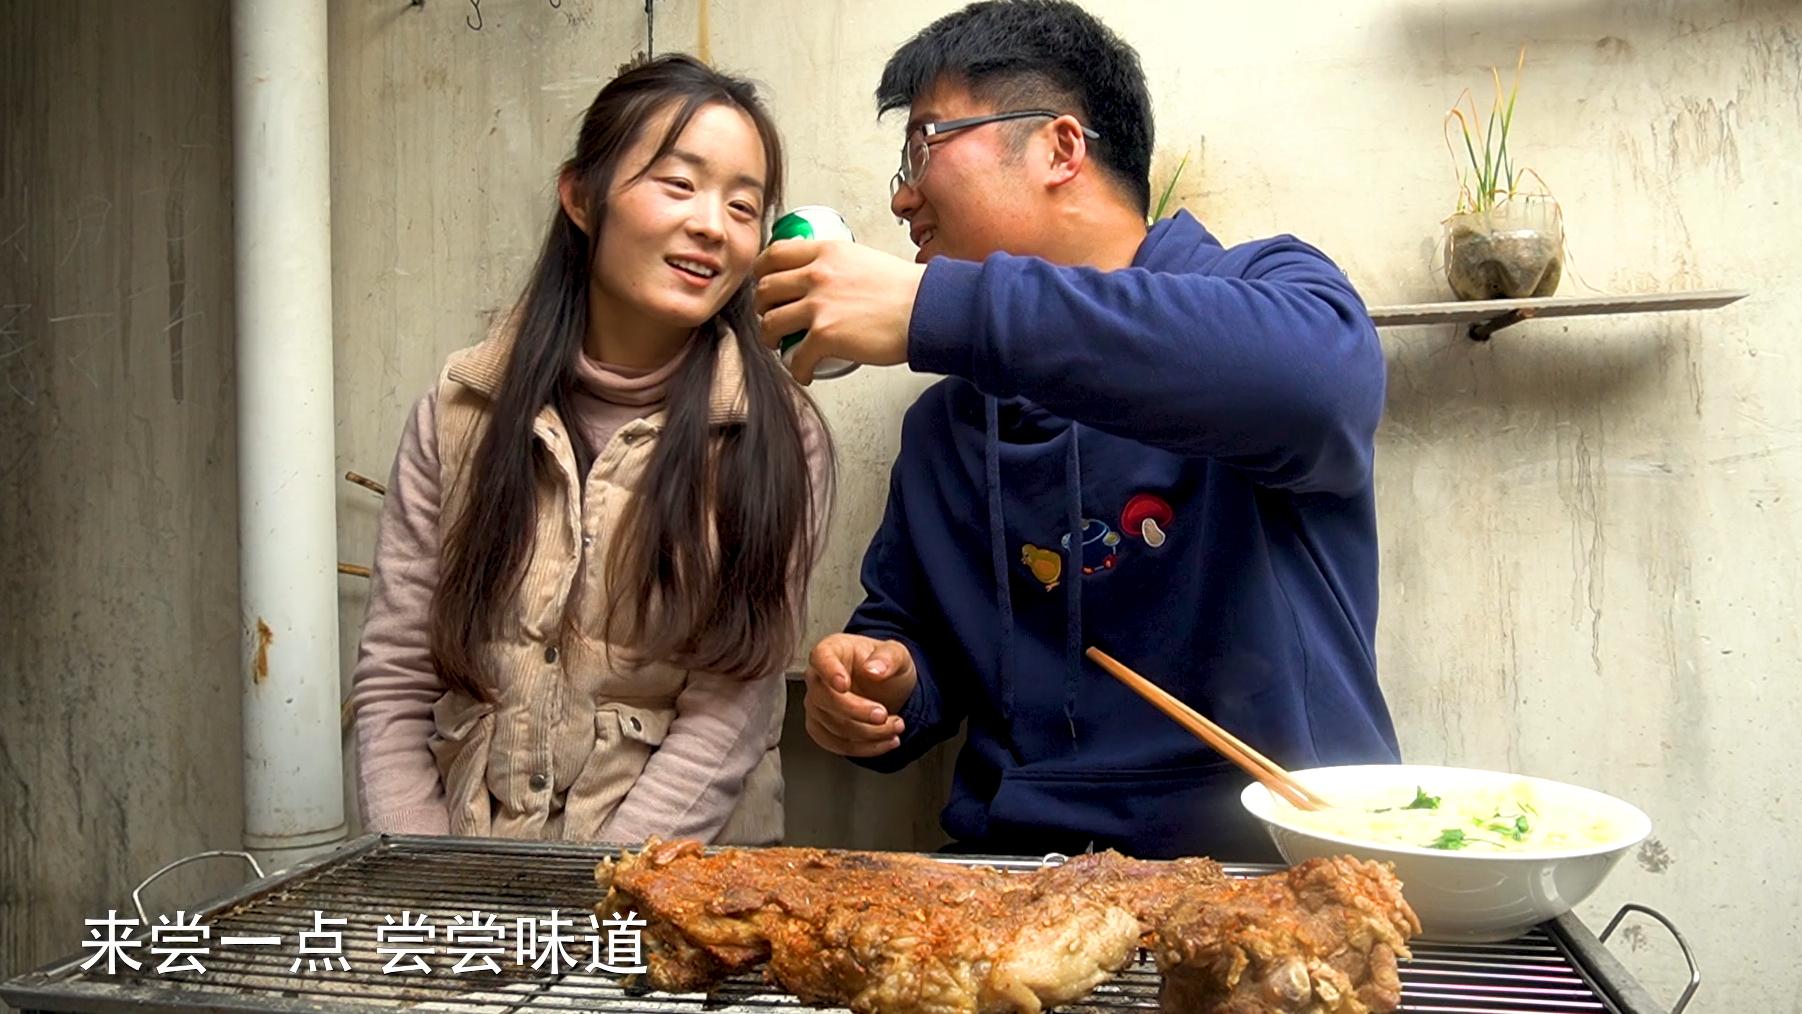 老婆下厨暗示情人节,大sao烤三斤羊排给媳妇灌酒,晚上难过了